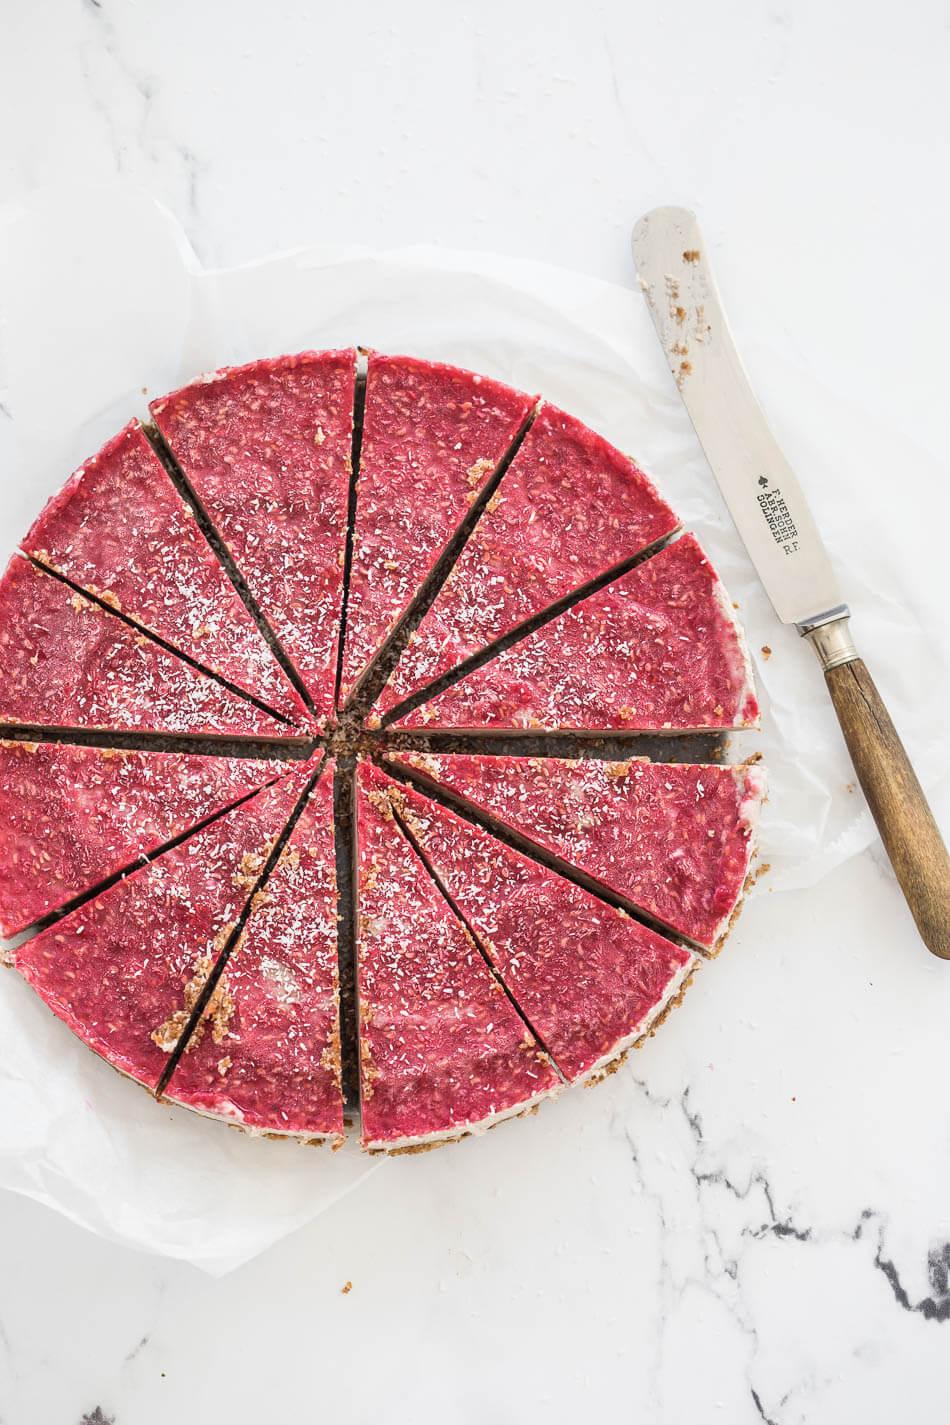 No bake paleo cheesecake met frambozentopping | simoneskitchen.nl